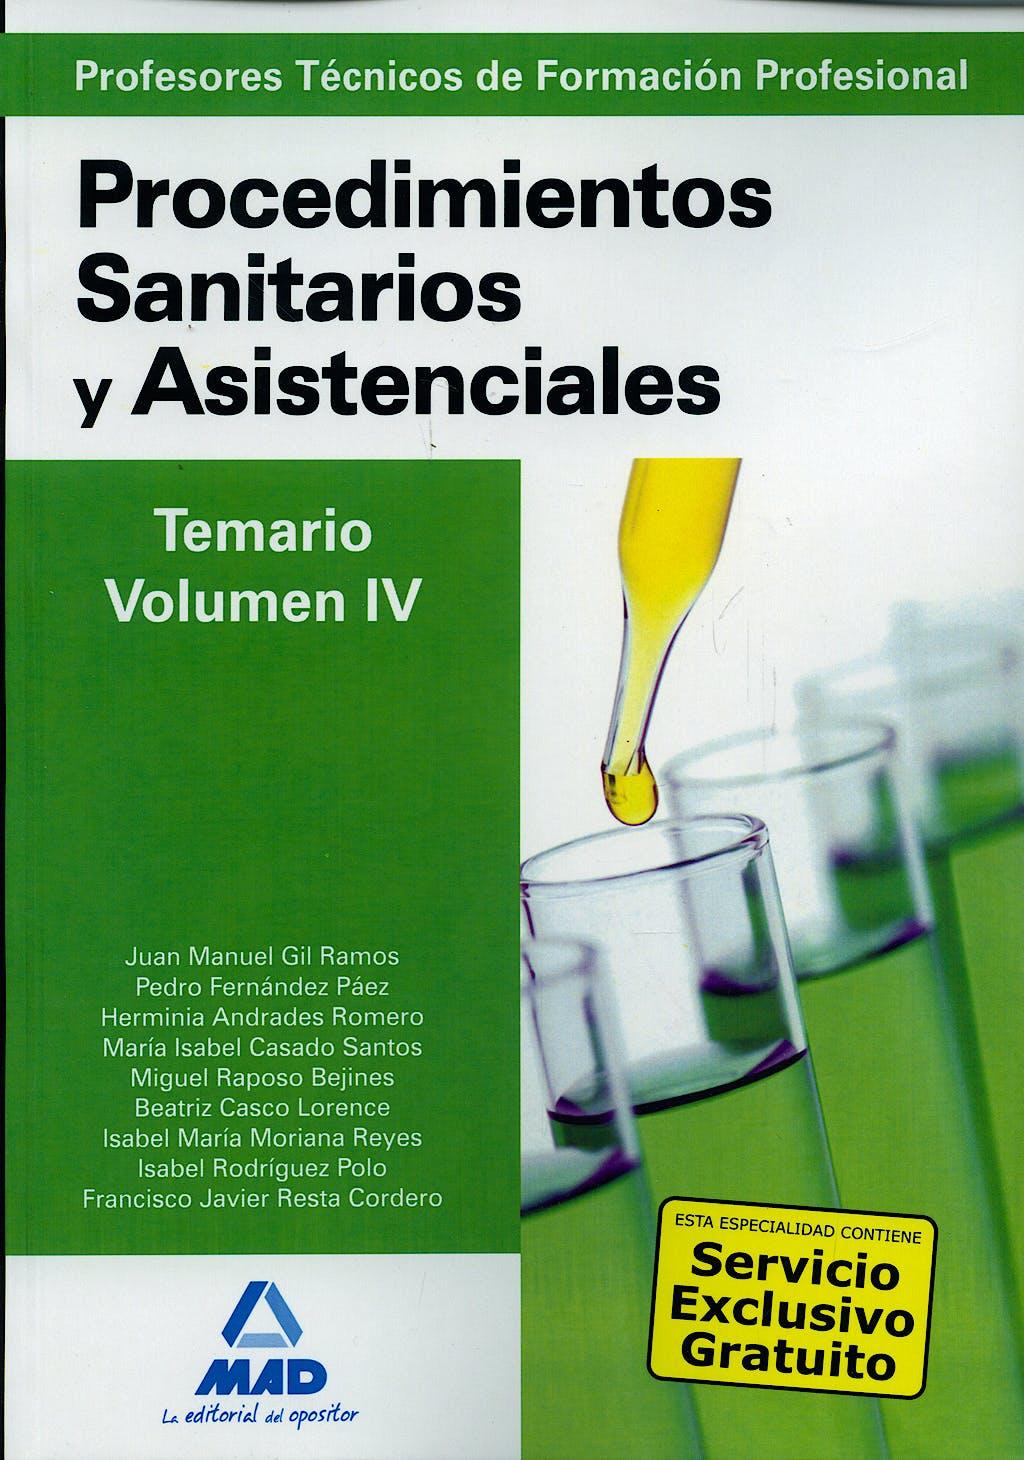 Portada del libro 9788467617306 Procedimientos Sanitarios y Asistenciales. Temario, Vol Iv (Profesores Tecnicos de Formacion Profesional)